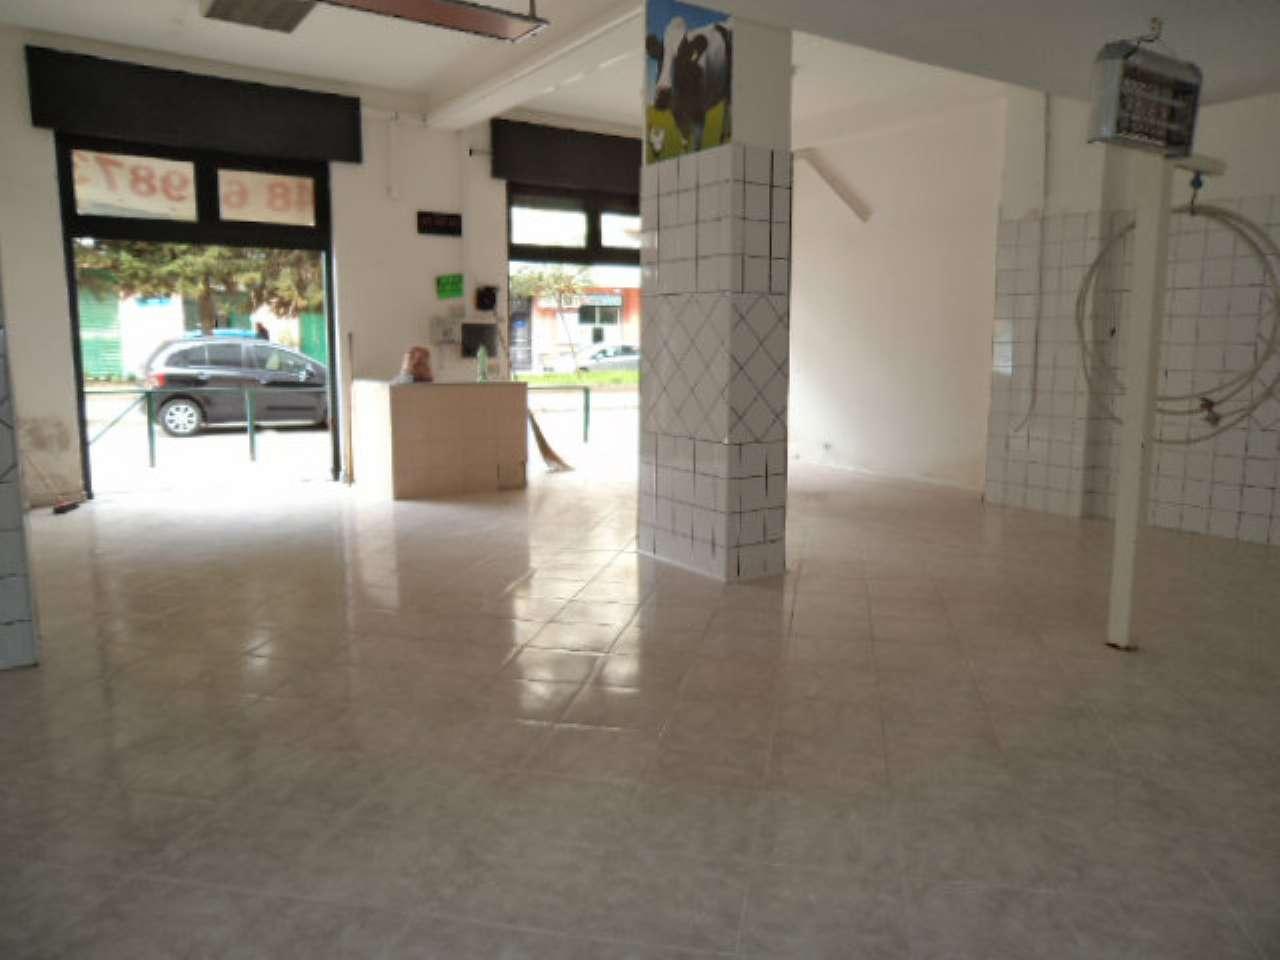 Negozio / Locale in vendita a Giugliano in Campania, 2 locali, prezzo € 55.000   CambioCasa.it